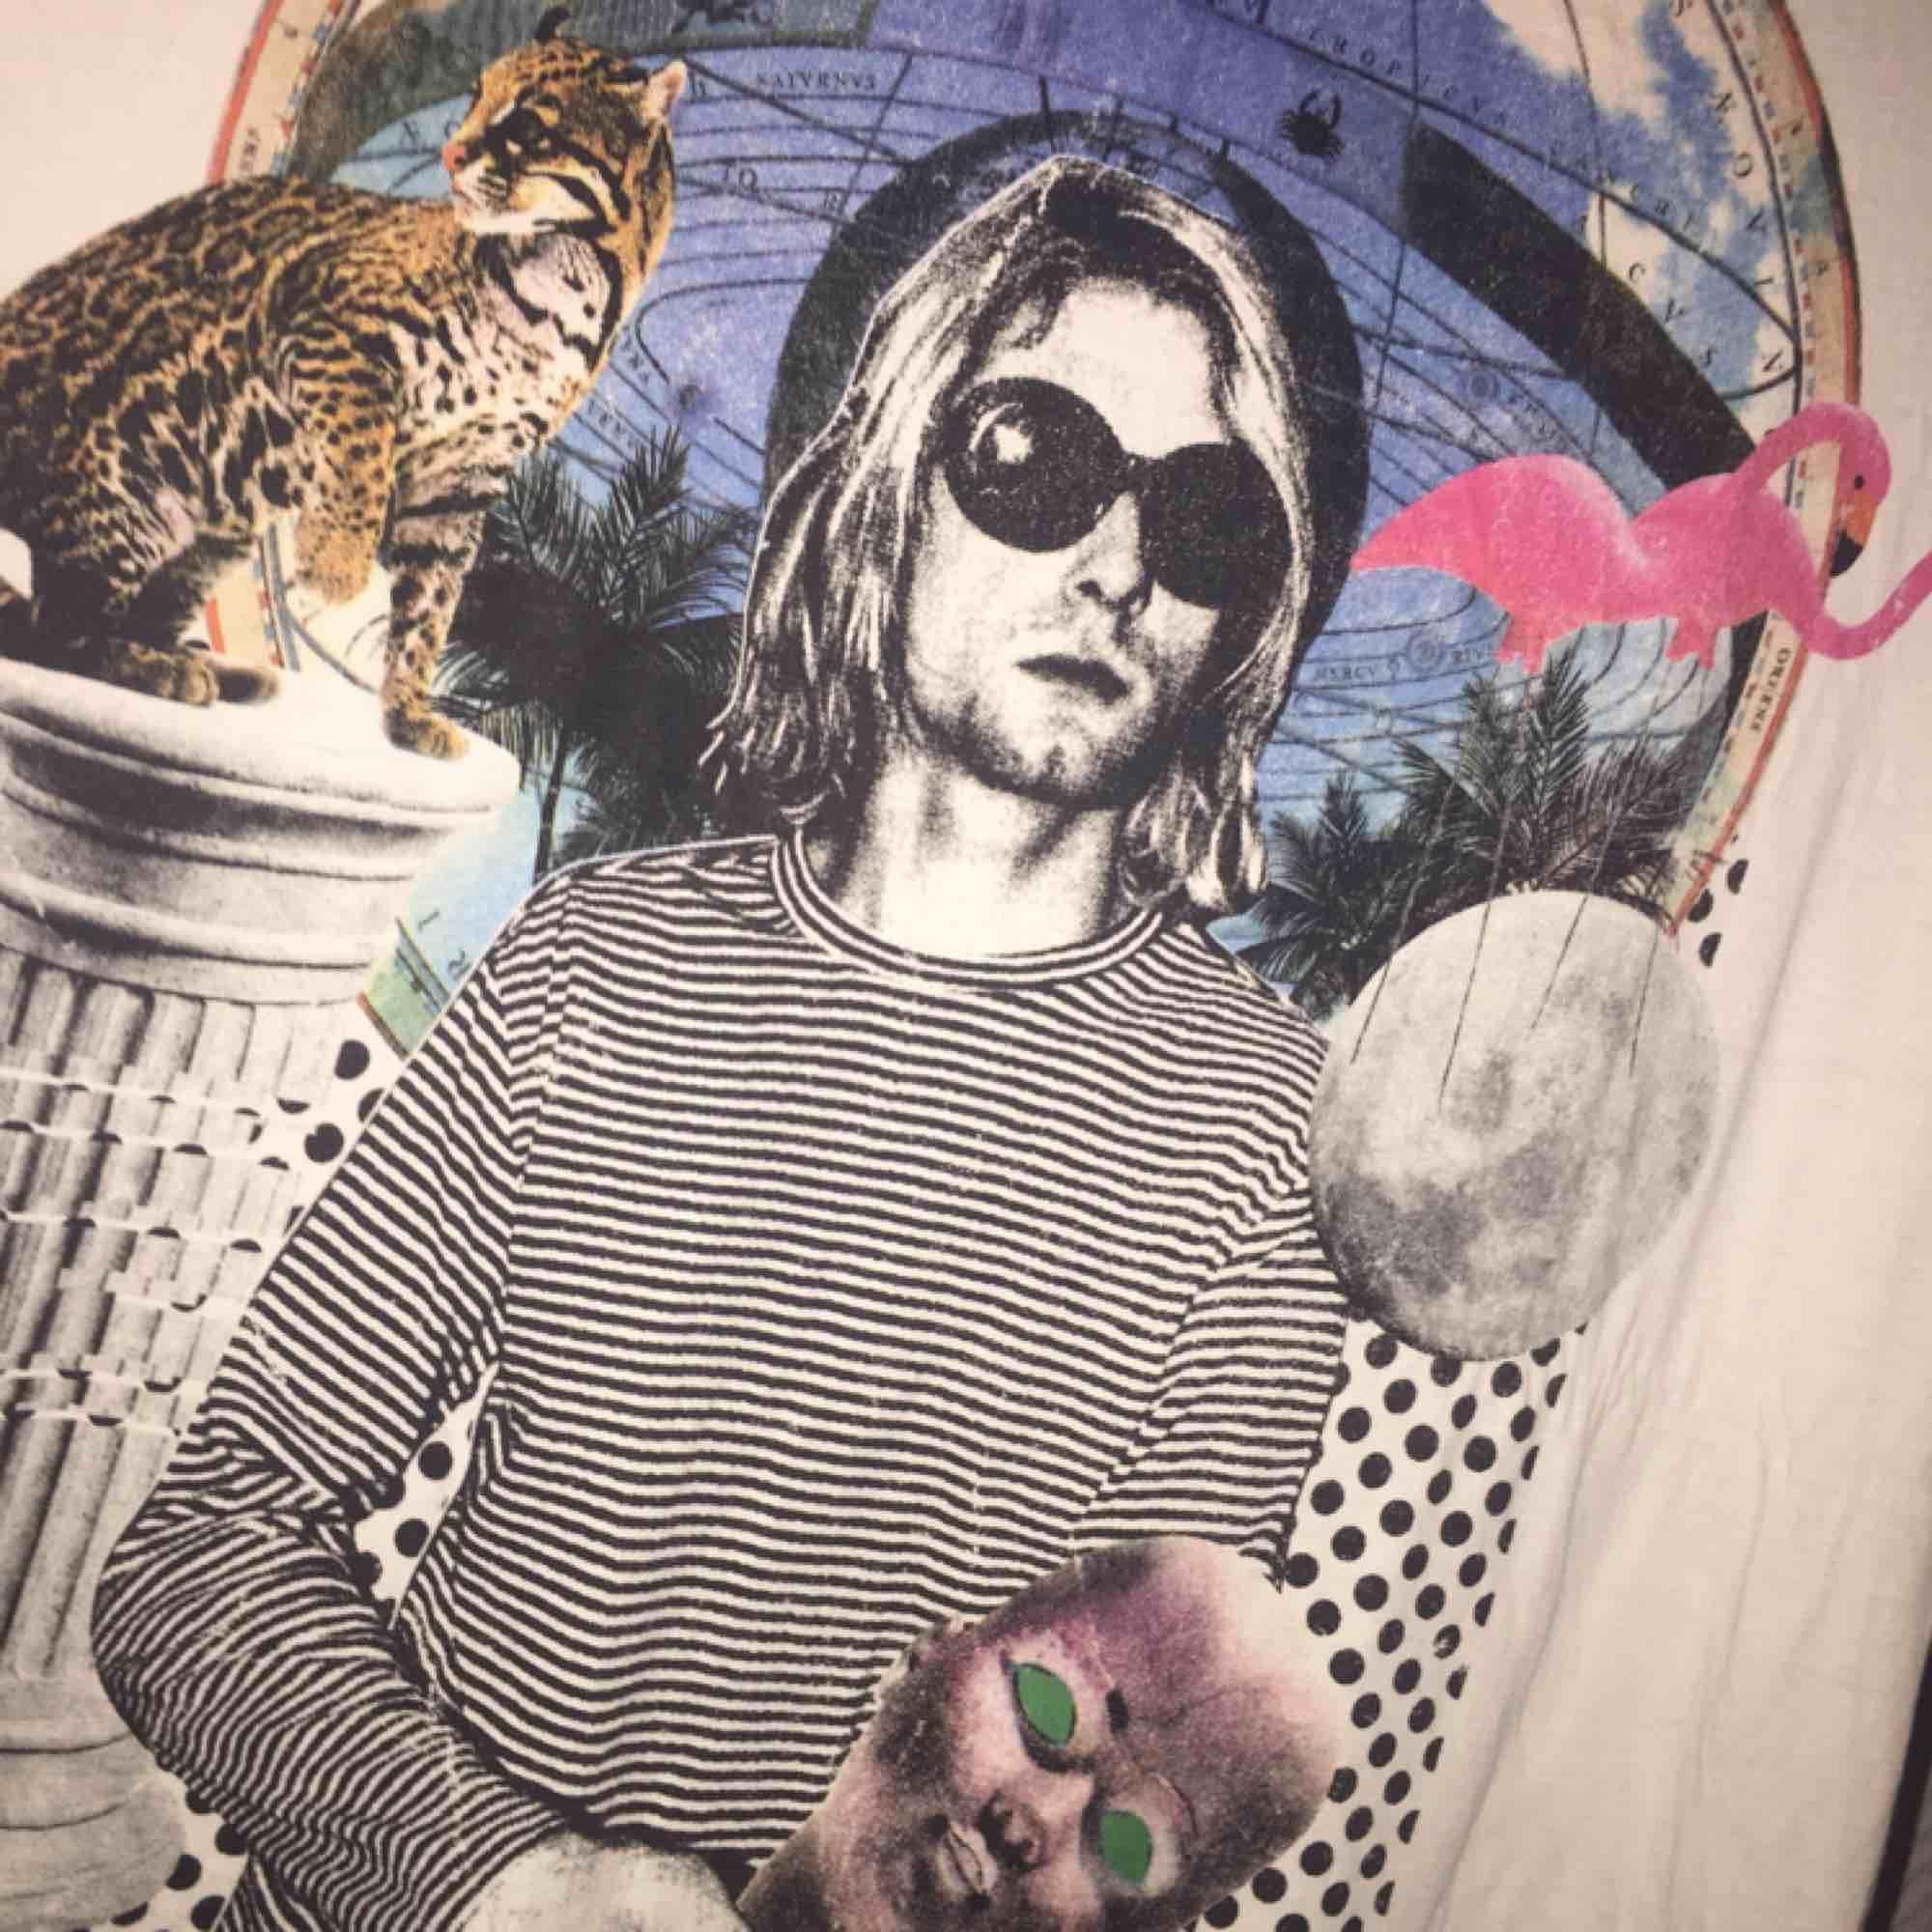 Hej! Jag säljer en vit Kurt Cobain tröja från H&M. Jag säljer tröjan för 200 kr där det ingår frakt. Tröjan är knappt använd och köpte för den för 1.5 år sedan. Vid frågor kontakta mig 🖤. Tröjor & Koftor.